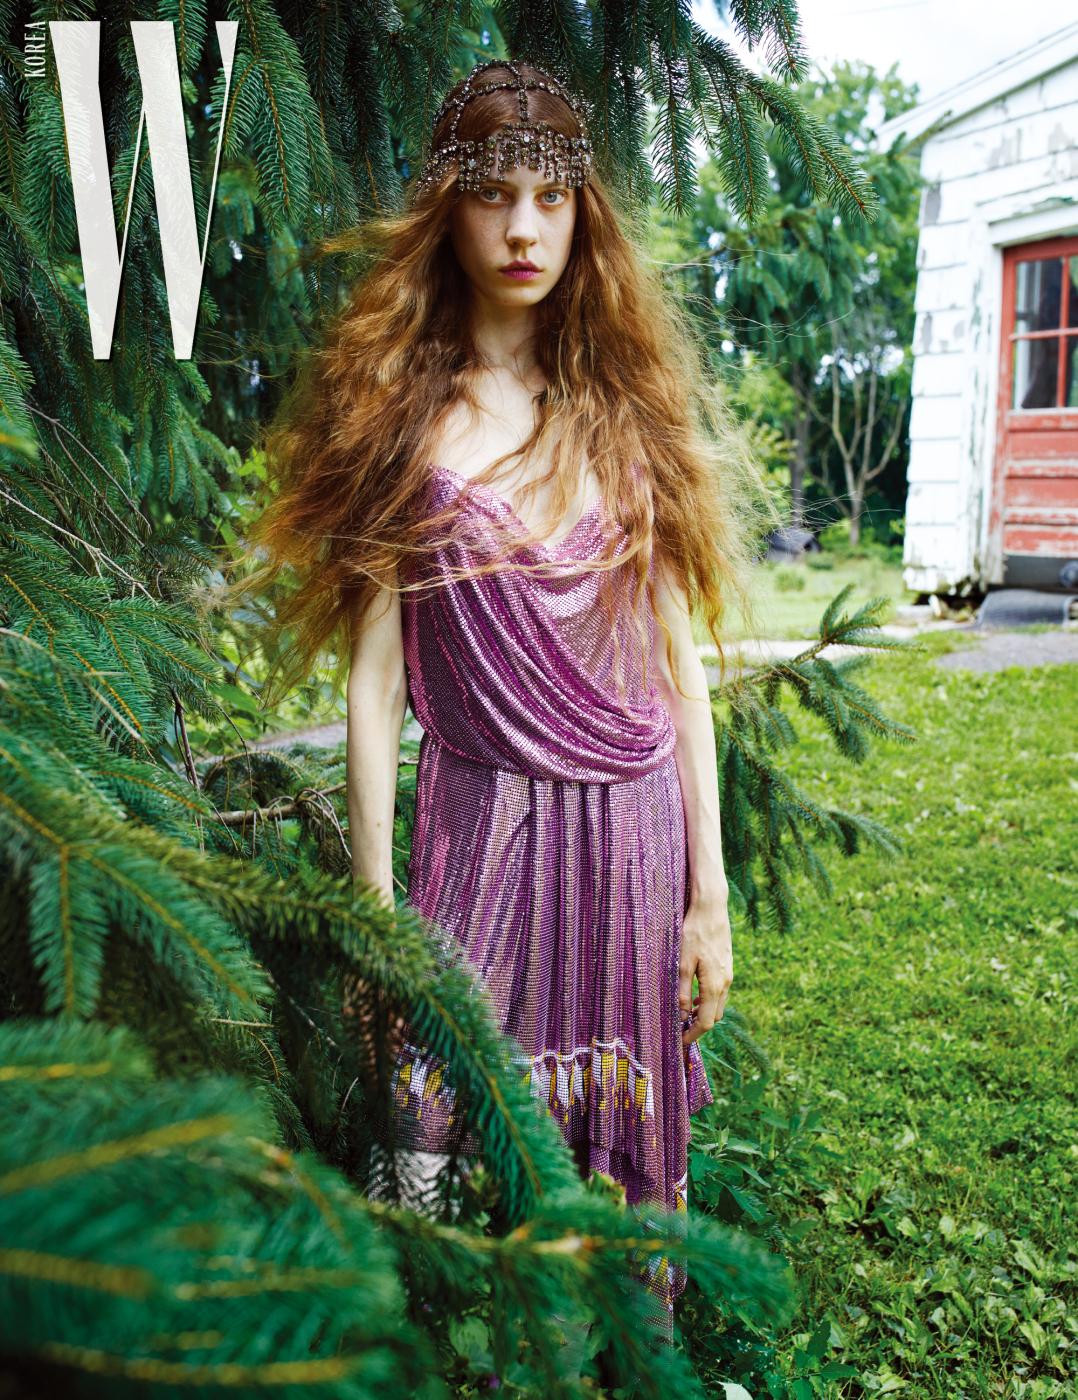 케이가 착용한 주얼 장식 헤드피스, 스트로베리 쿼츠 메탈릭 스트랩 드레스는 Gucci 제품.